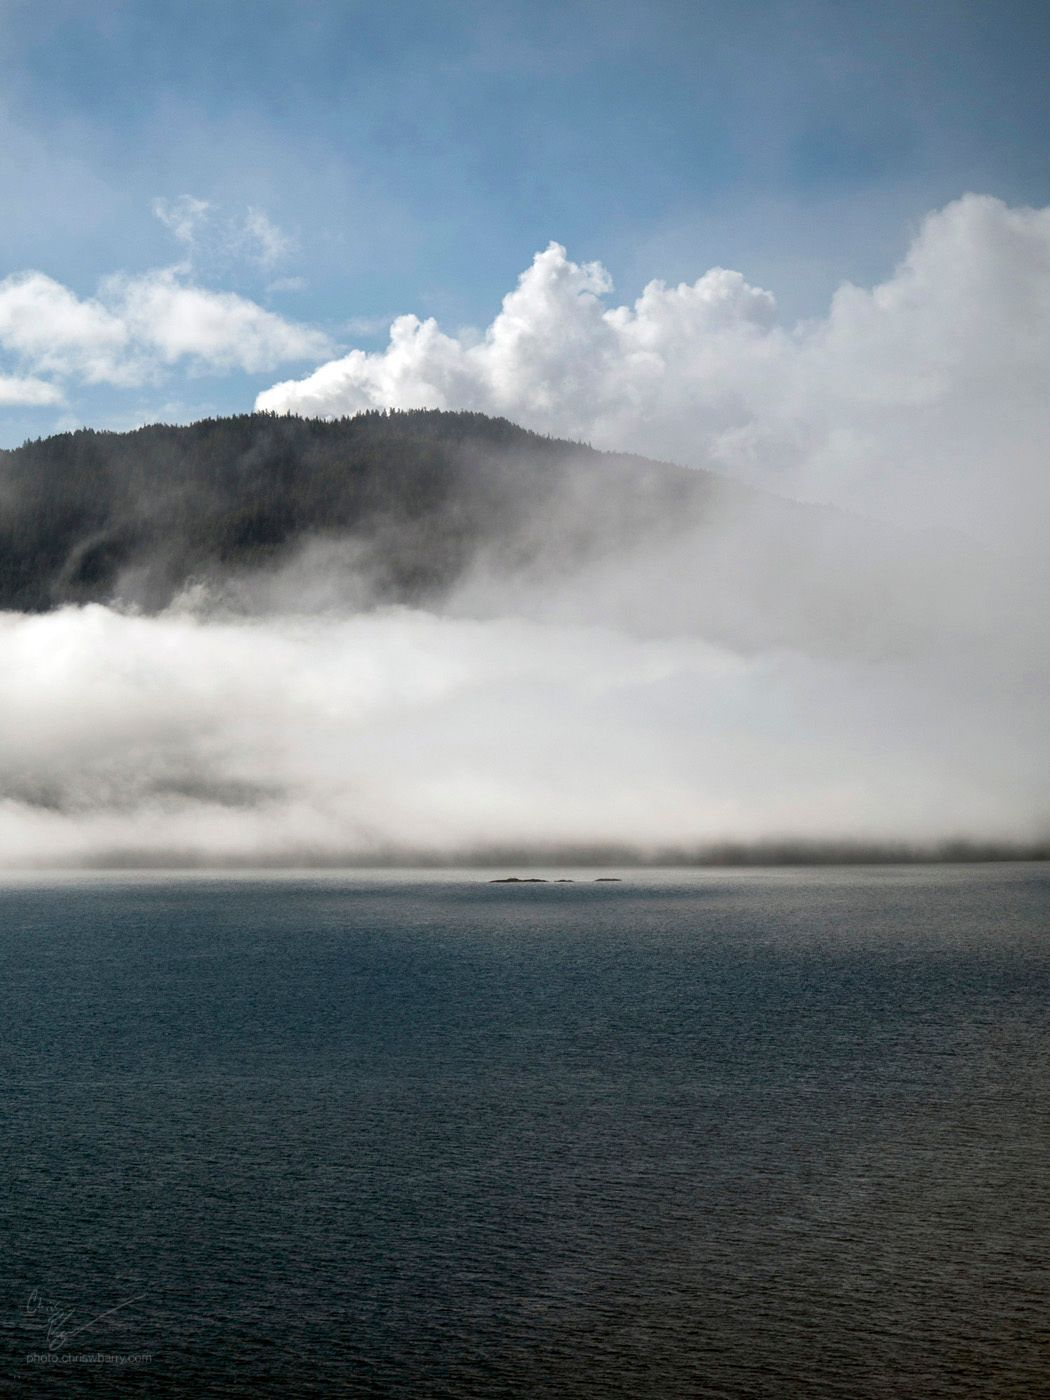 06-05-18: Clearing Fog